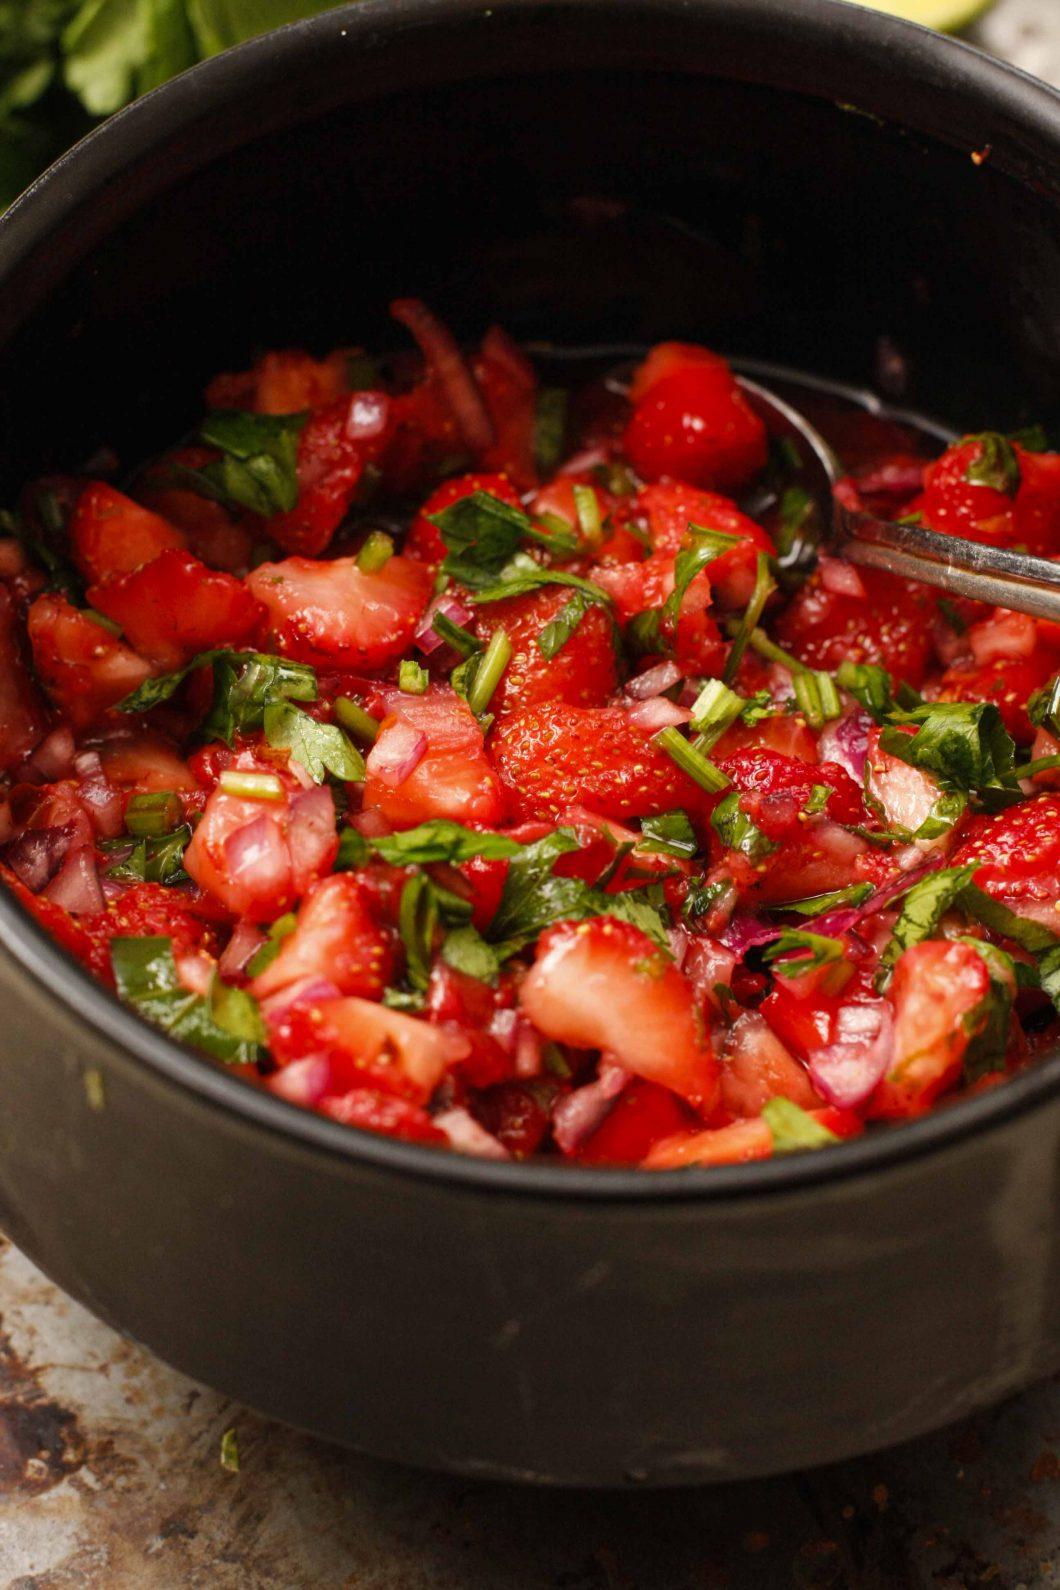 zemenu-salsa